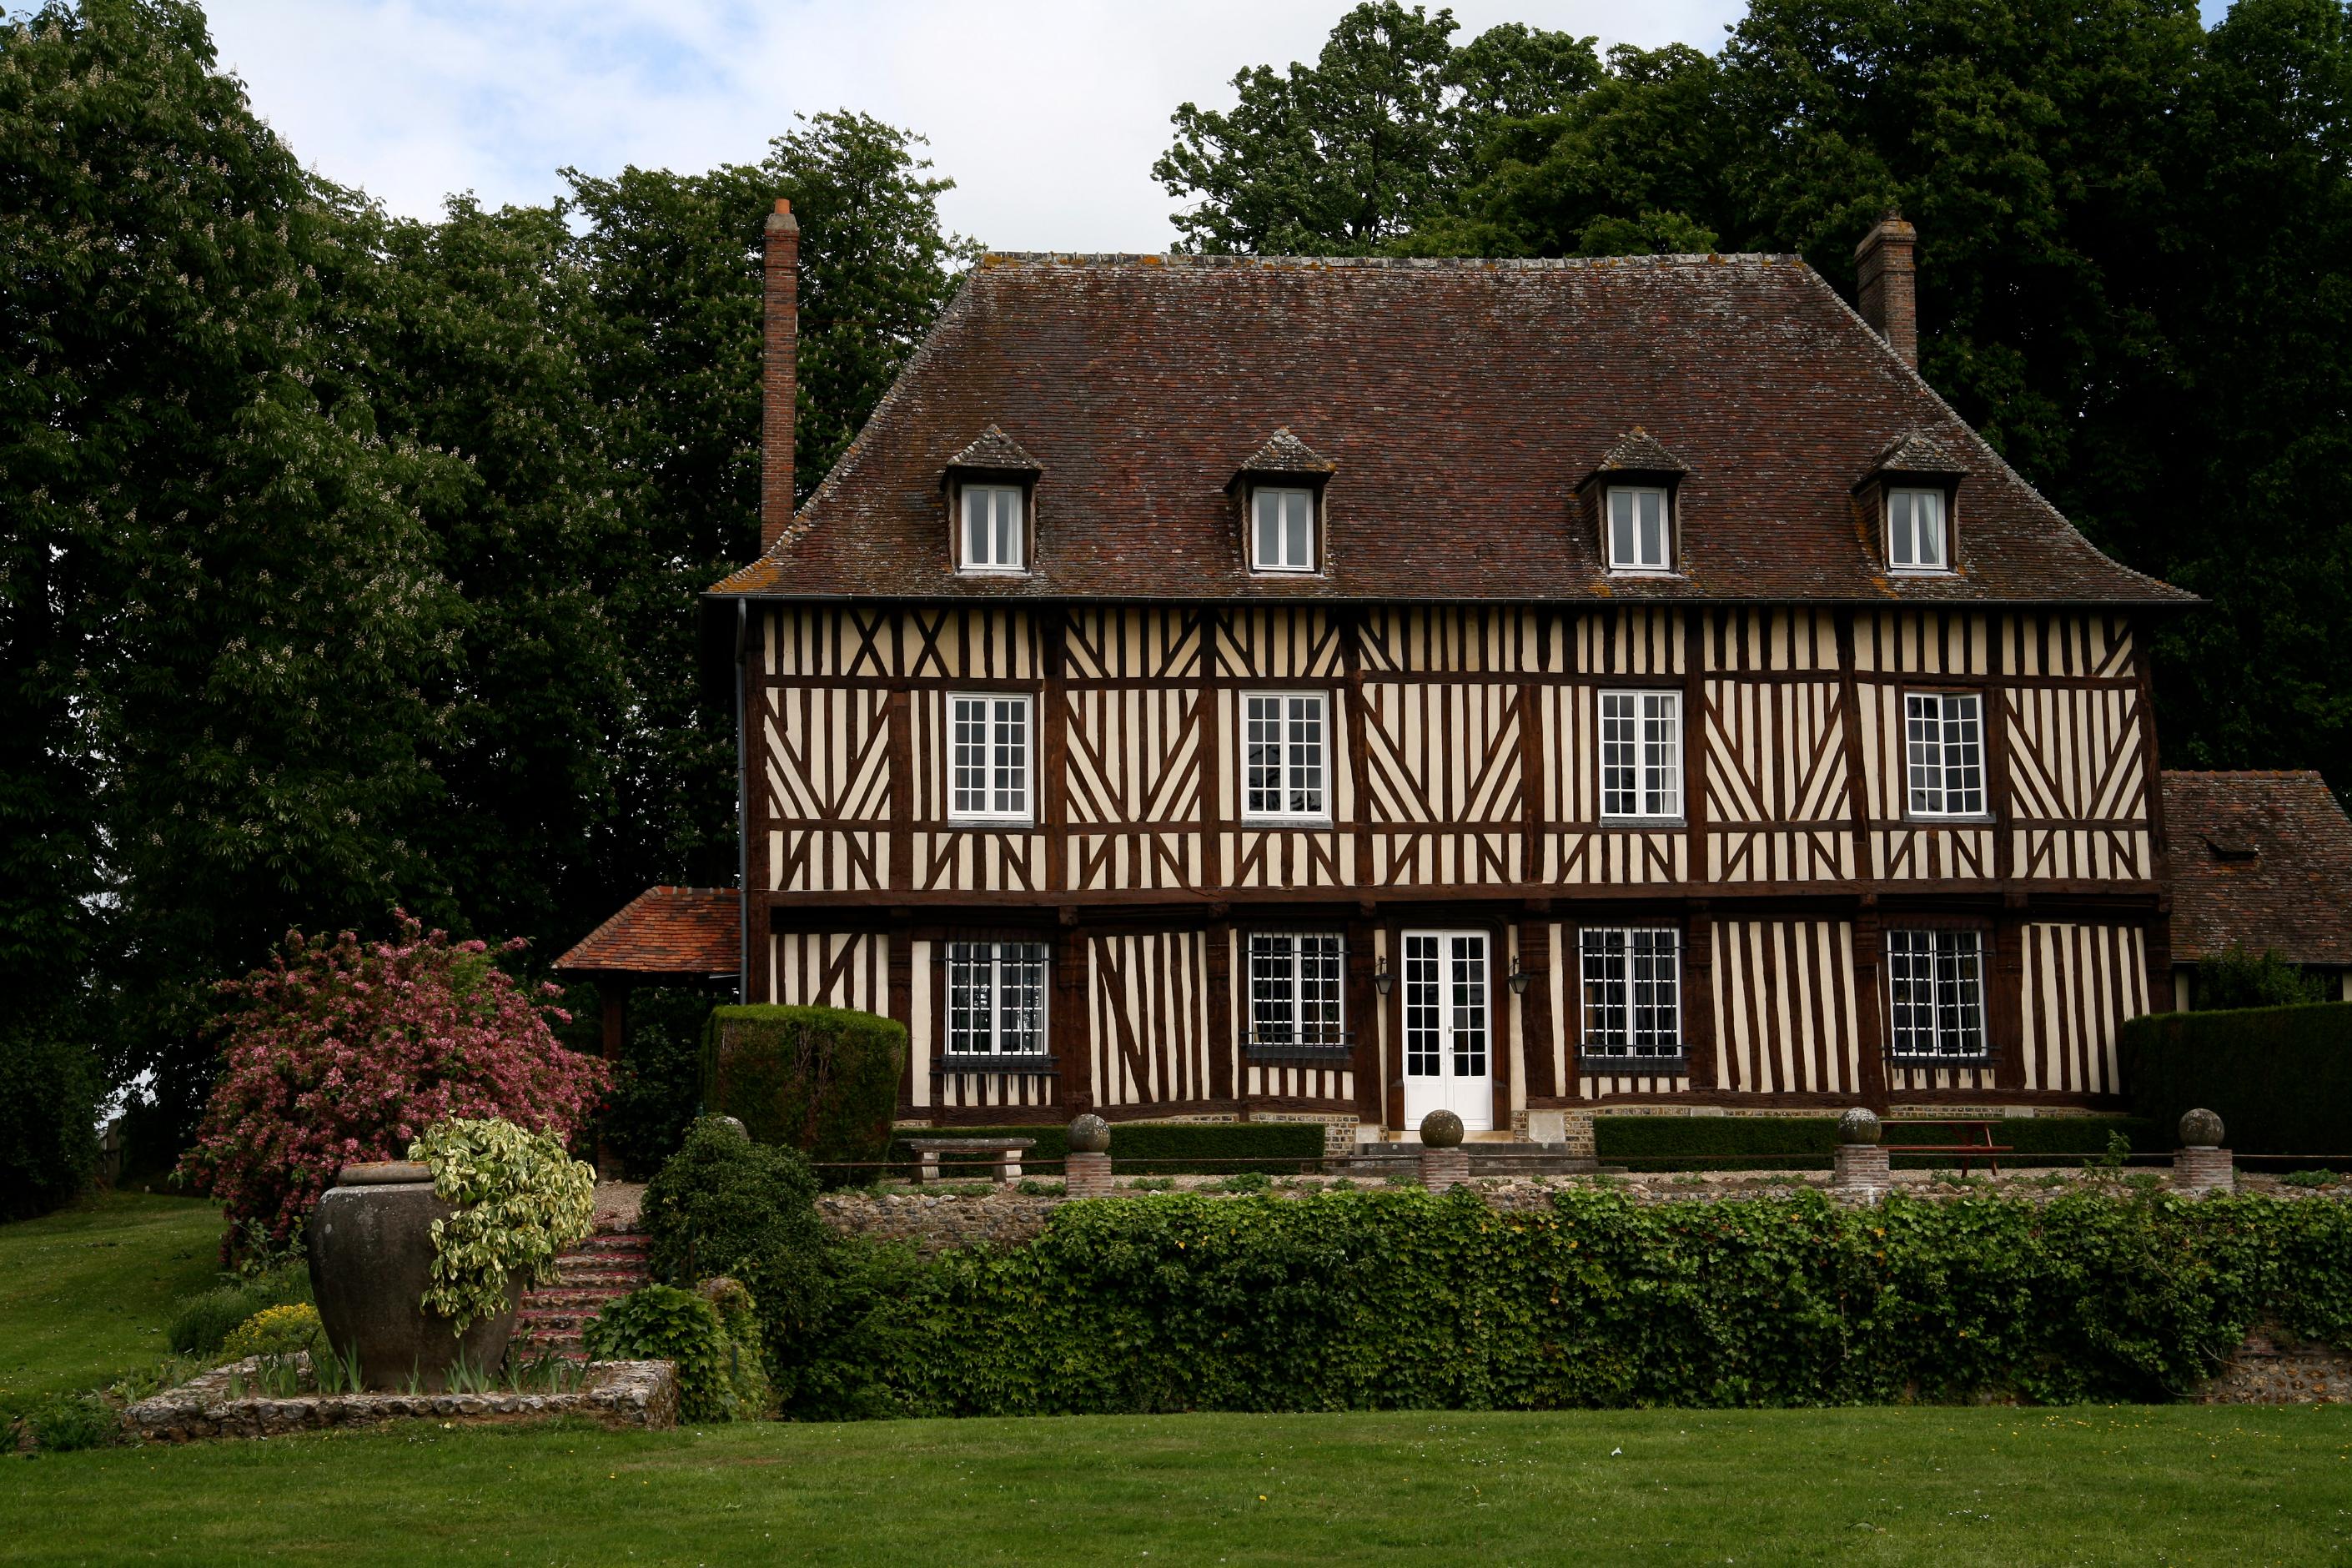 Maison En Bois Normandie le pays d'auge et les maisons à pans de bois - tourisme